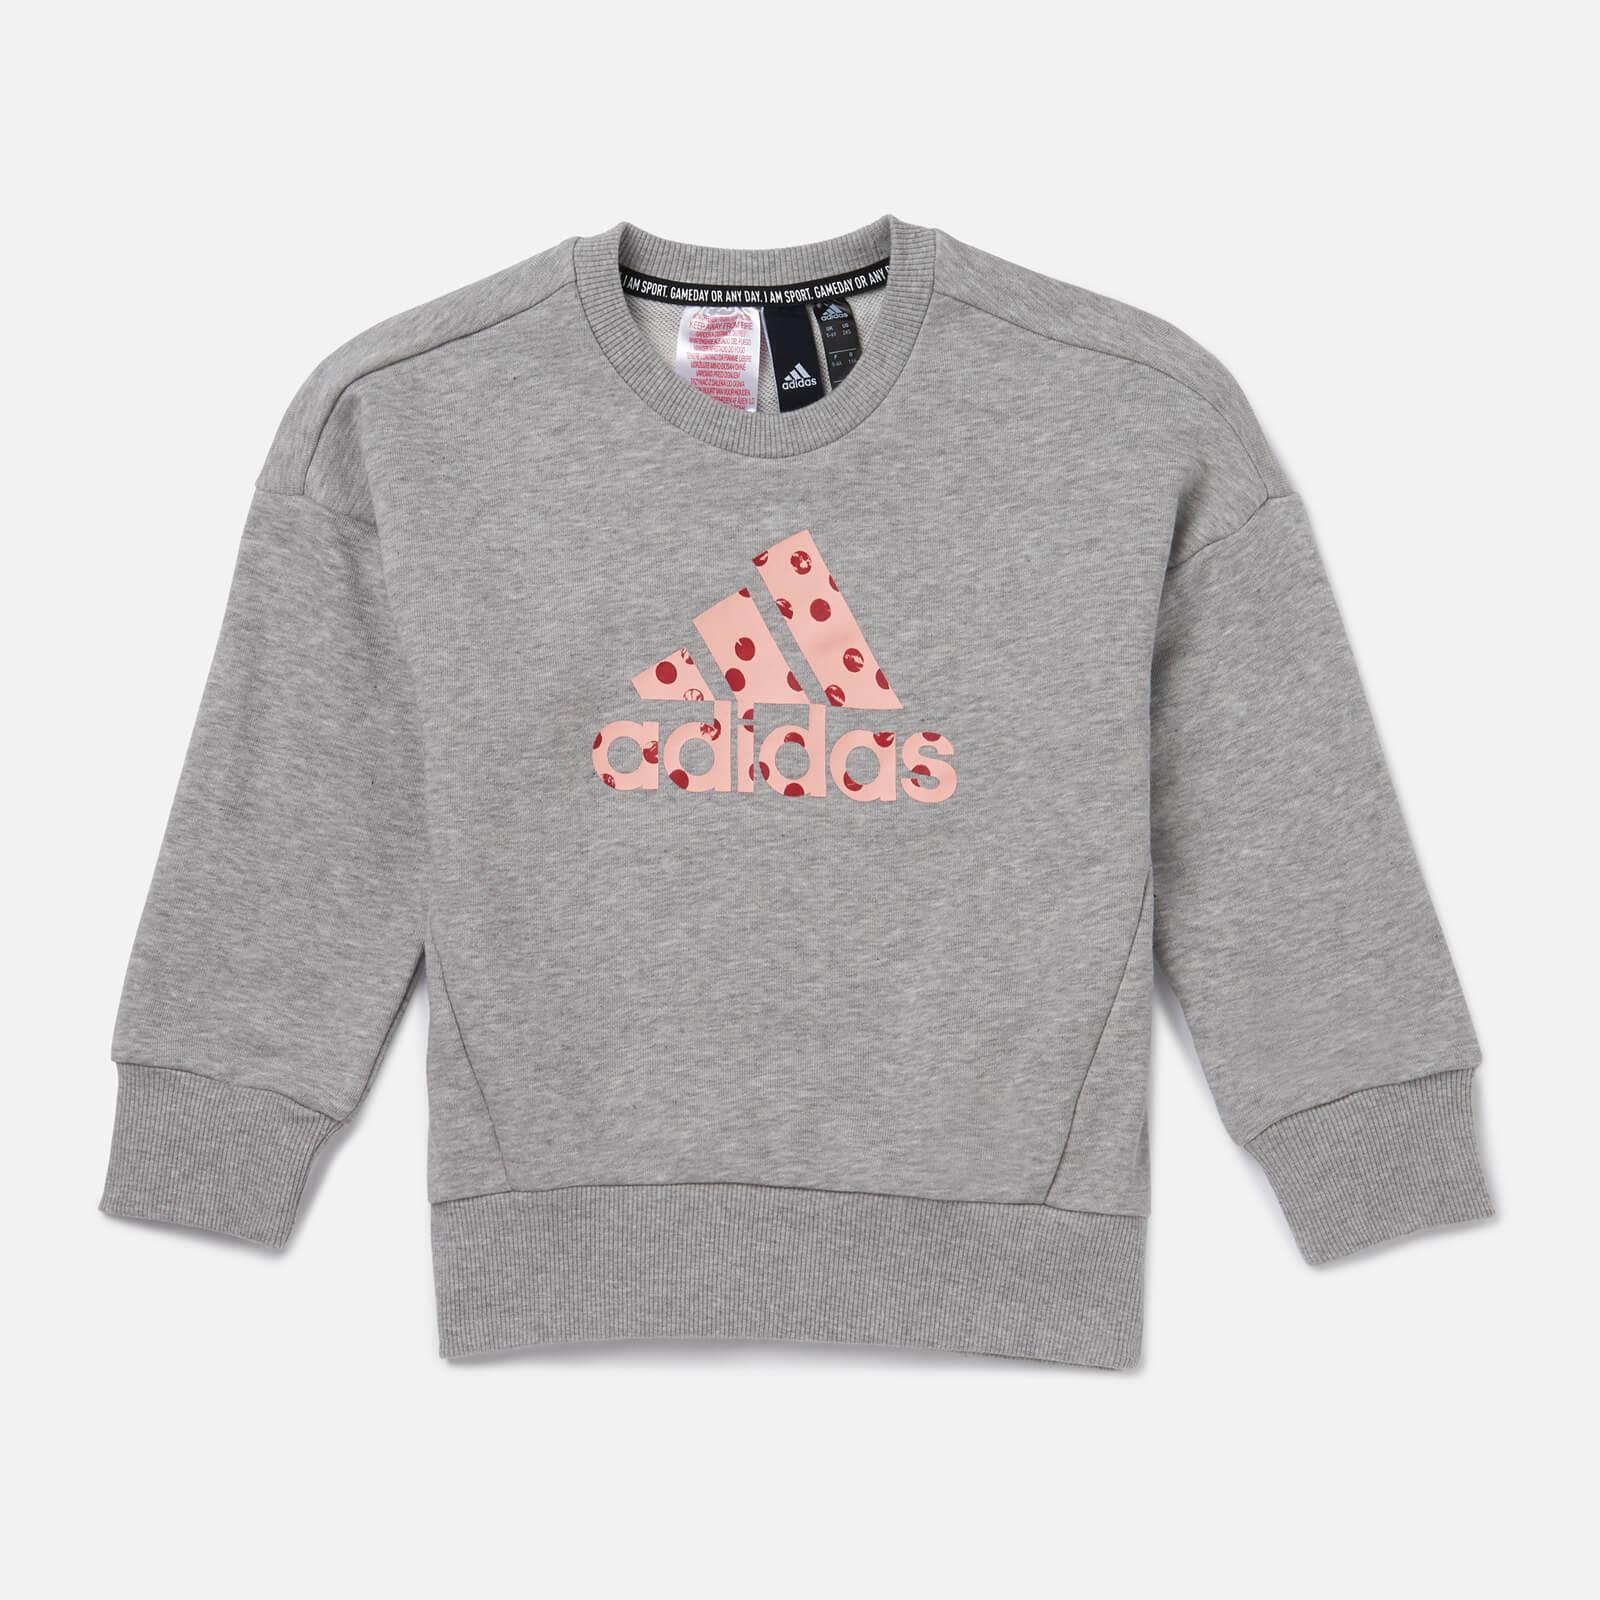 adidas Girls' Young Girls Crew Neck Sweatshirt - Grey - 5-6 Years